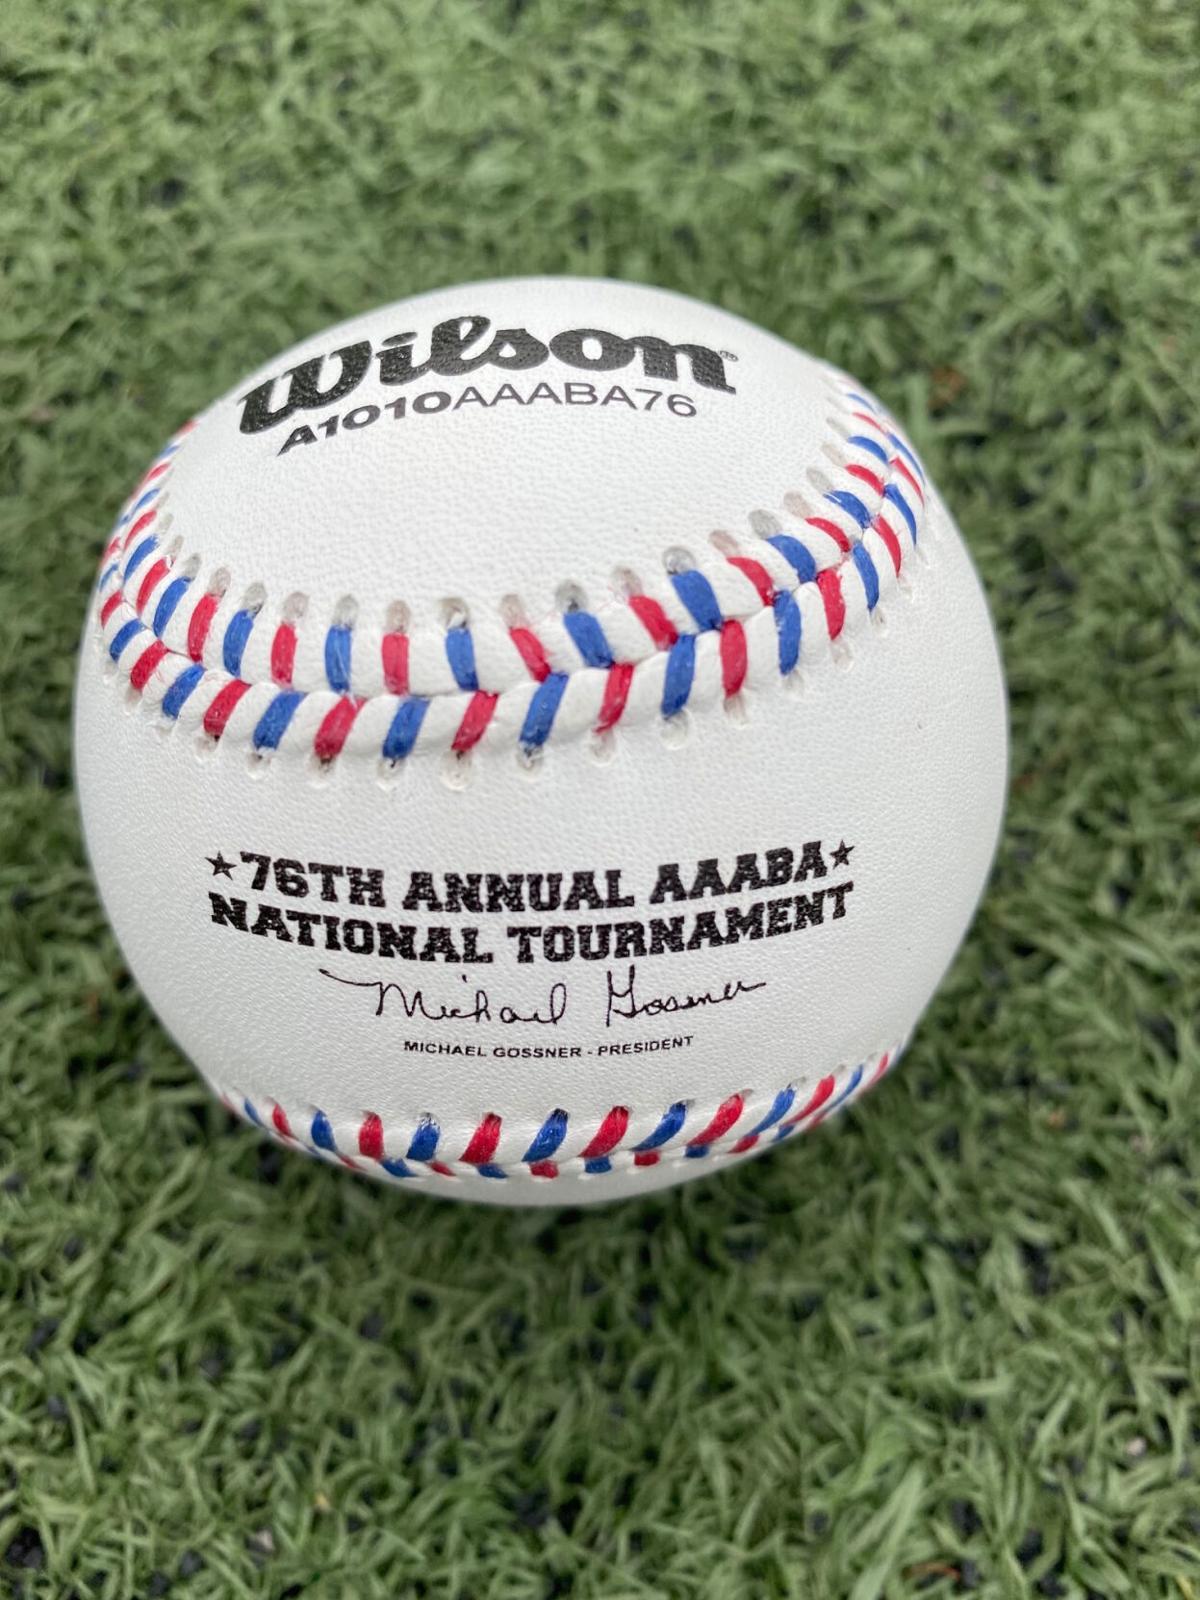 76th AAABA Baseball